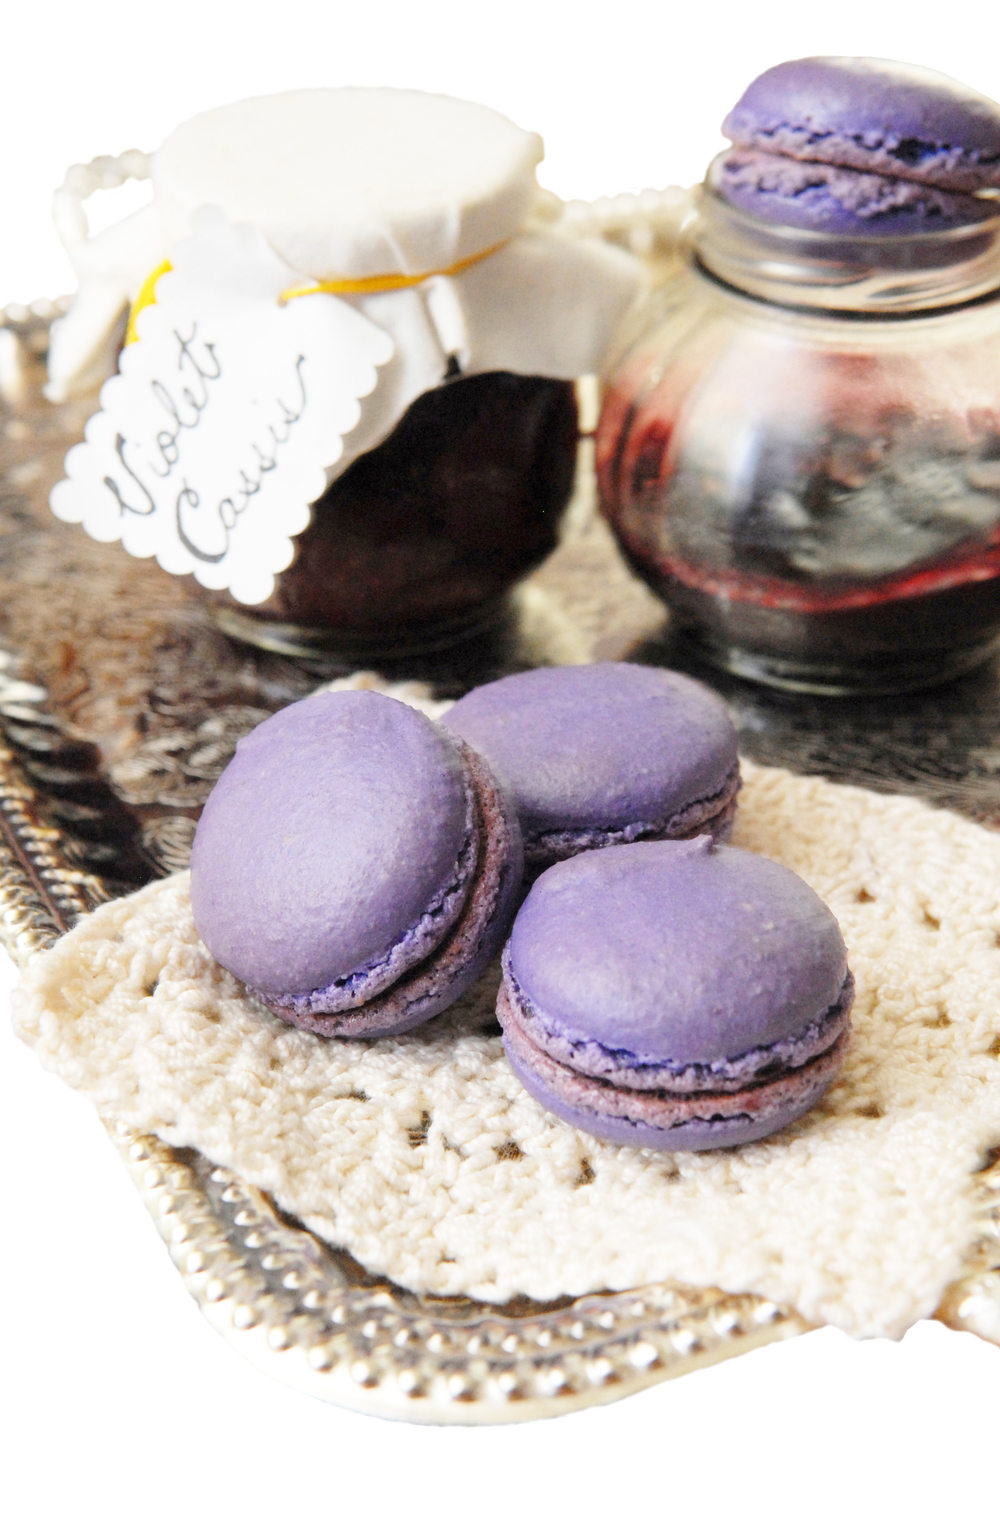 violet cassis.jpg